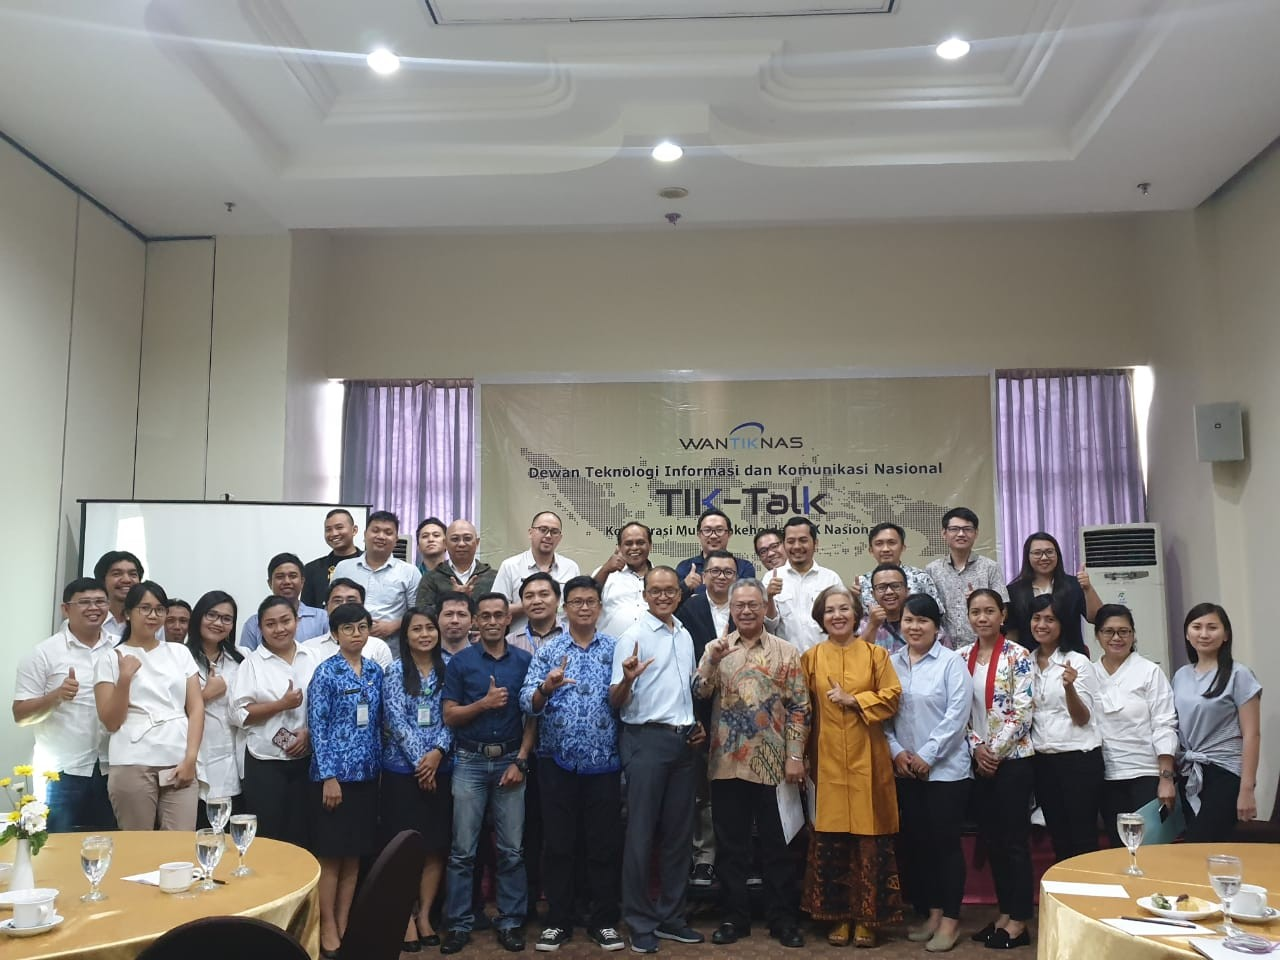 Link and Match SDM TIK di Era Digital: Menyiapkan Talenta Digital Lokal Siap Kerja, Siap Wirausaha